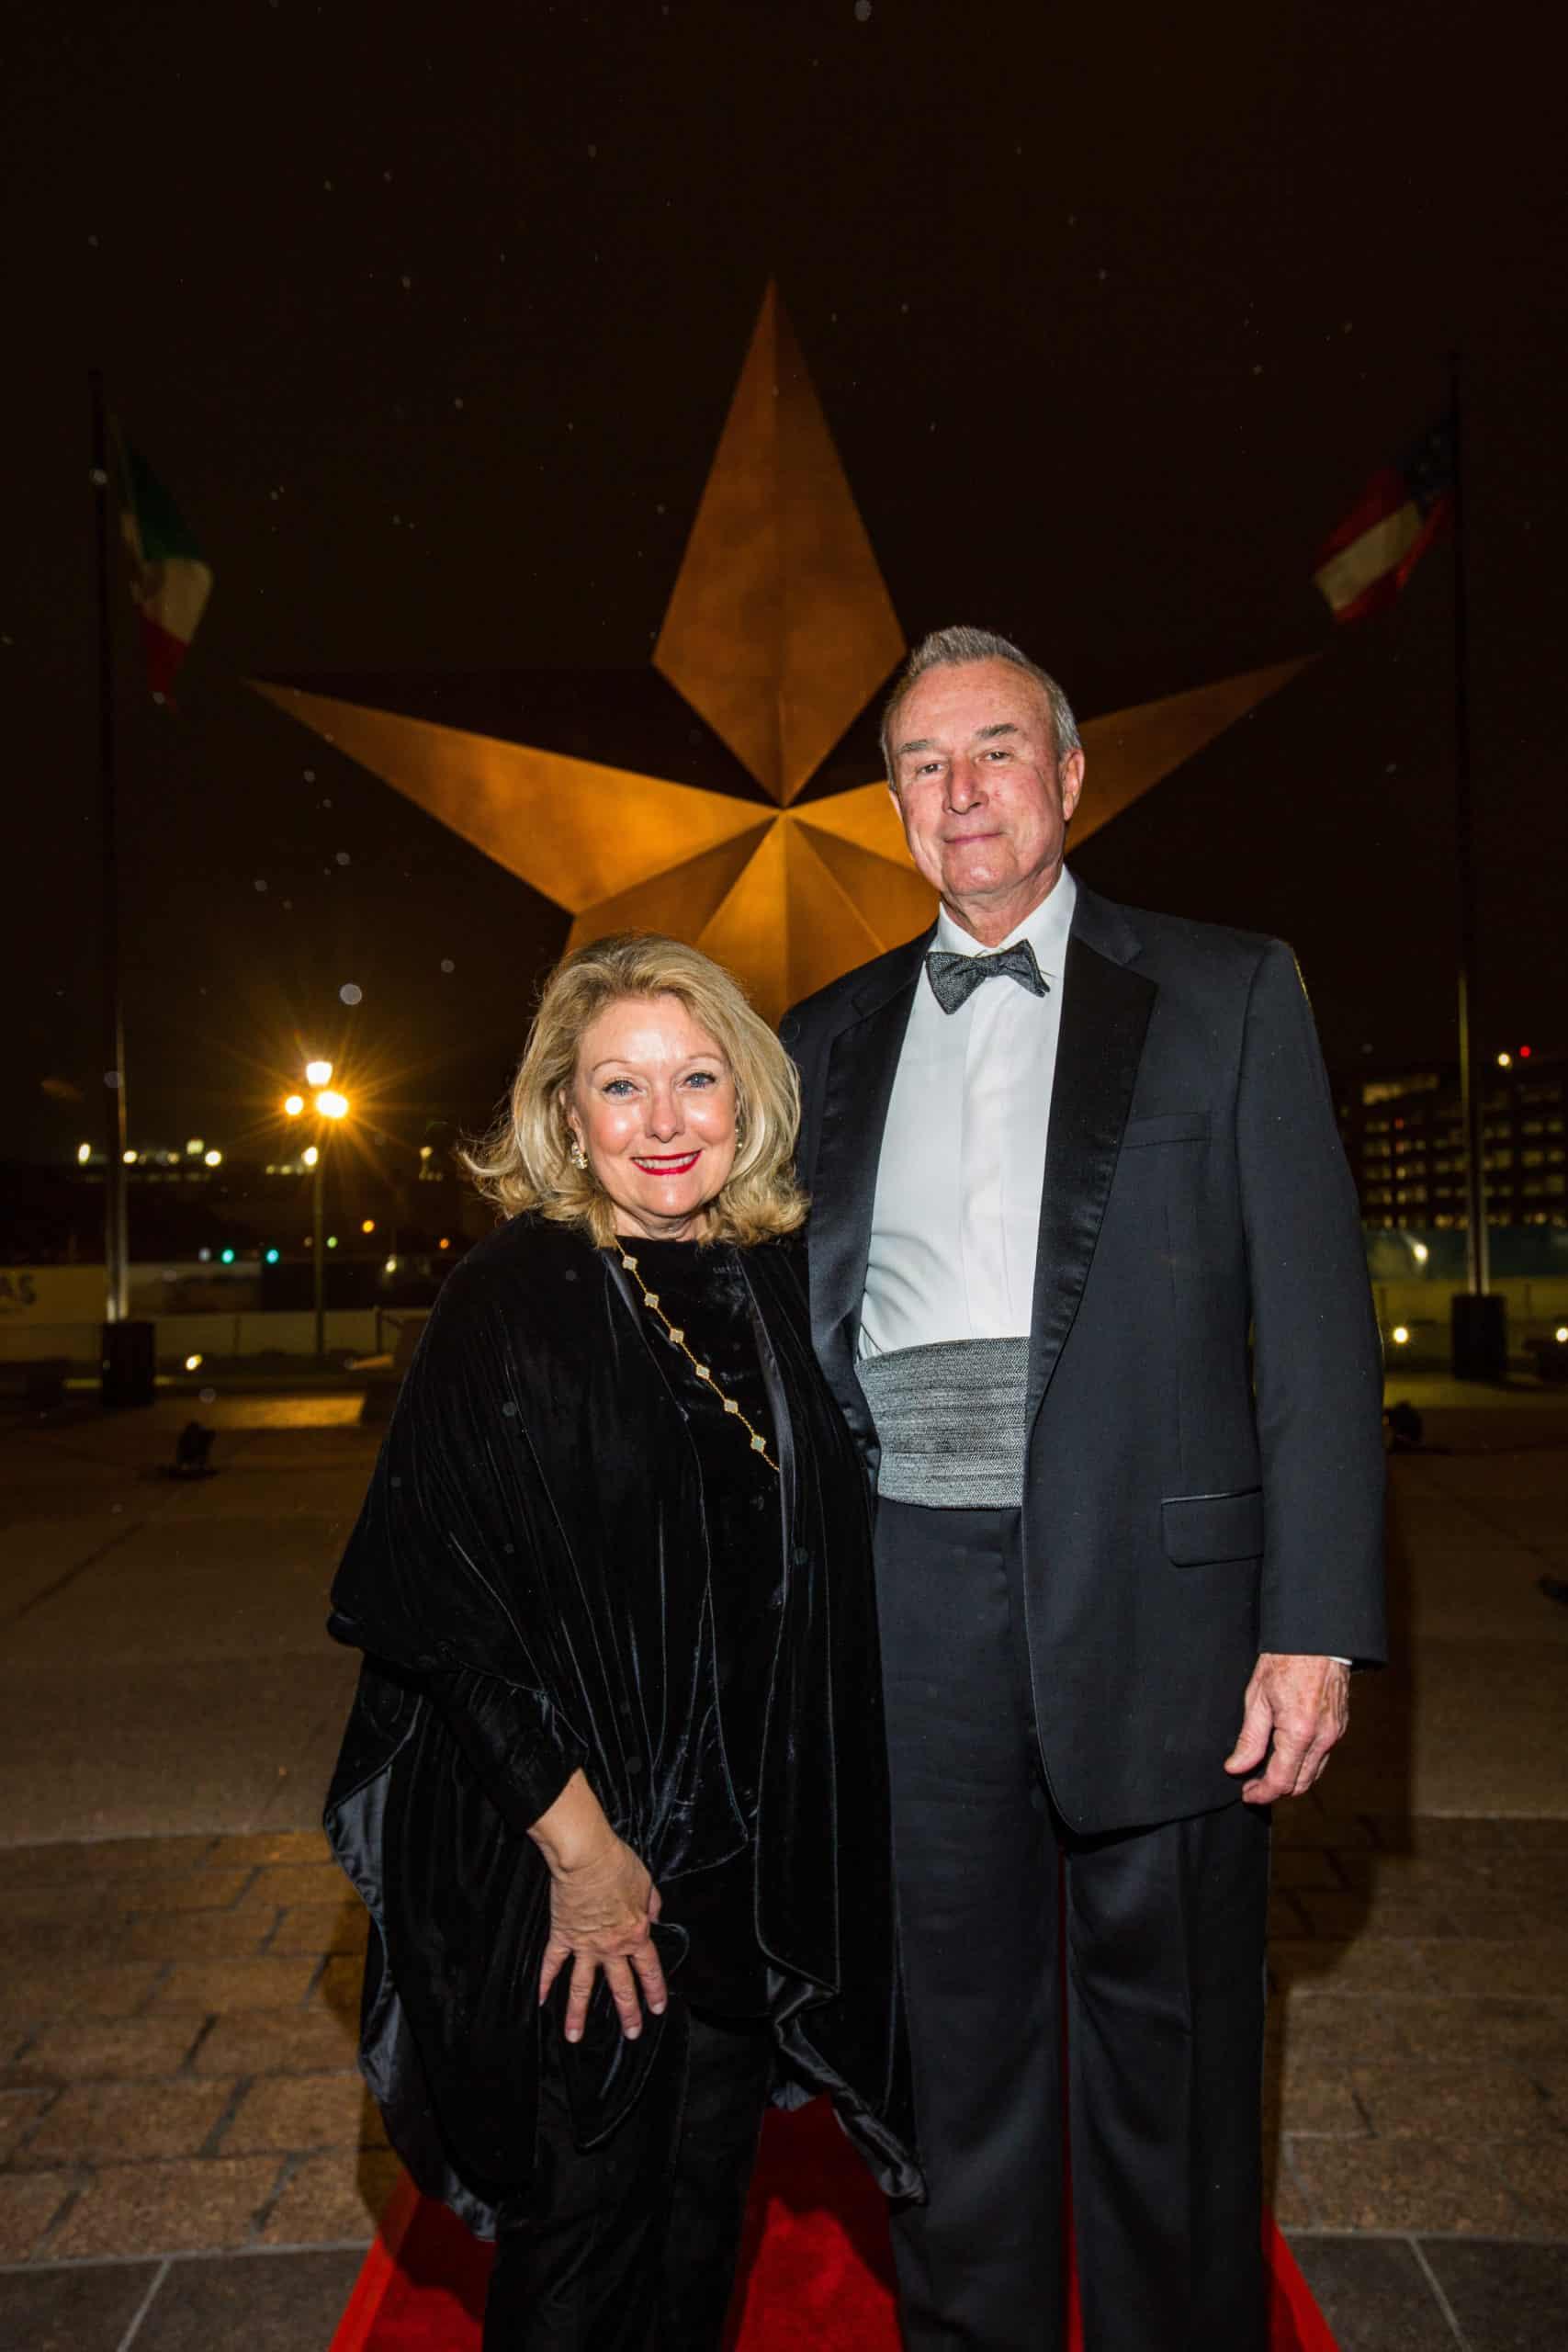 Jeanne Johnson Phillips and Dr. Martin Hurst